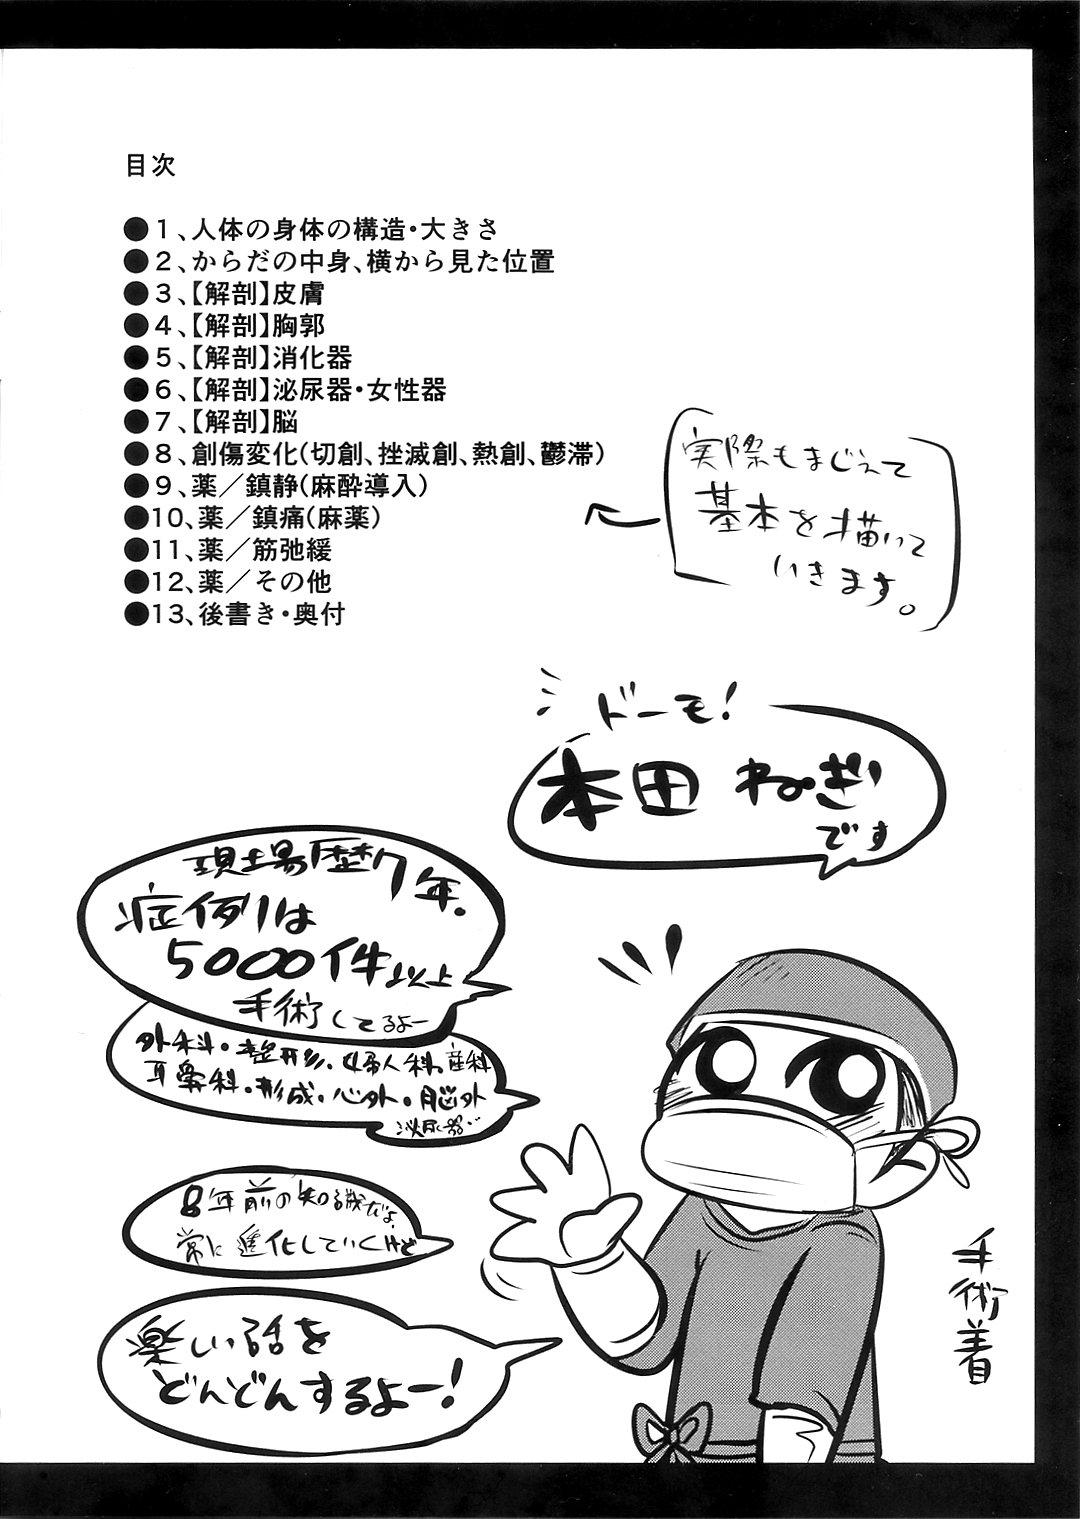 Ryonara no Tame no Kaibou Seiri 3